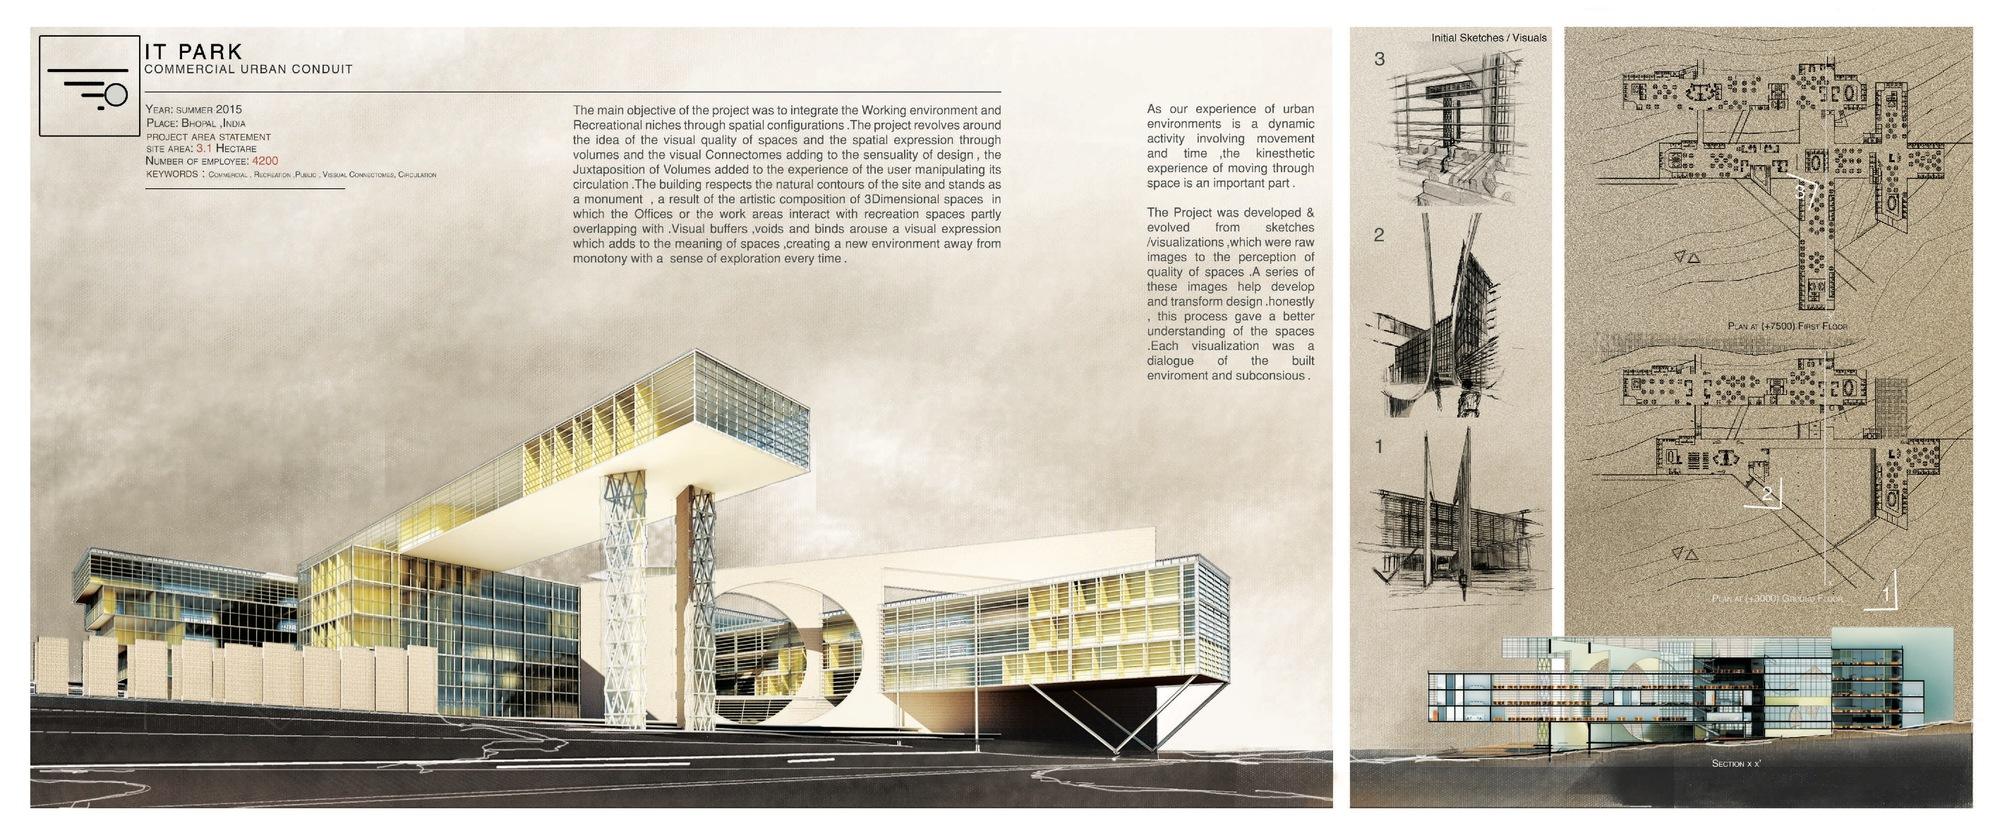 Gallery of the best architecture portfolio designs 2 Best interior design portfolio examples